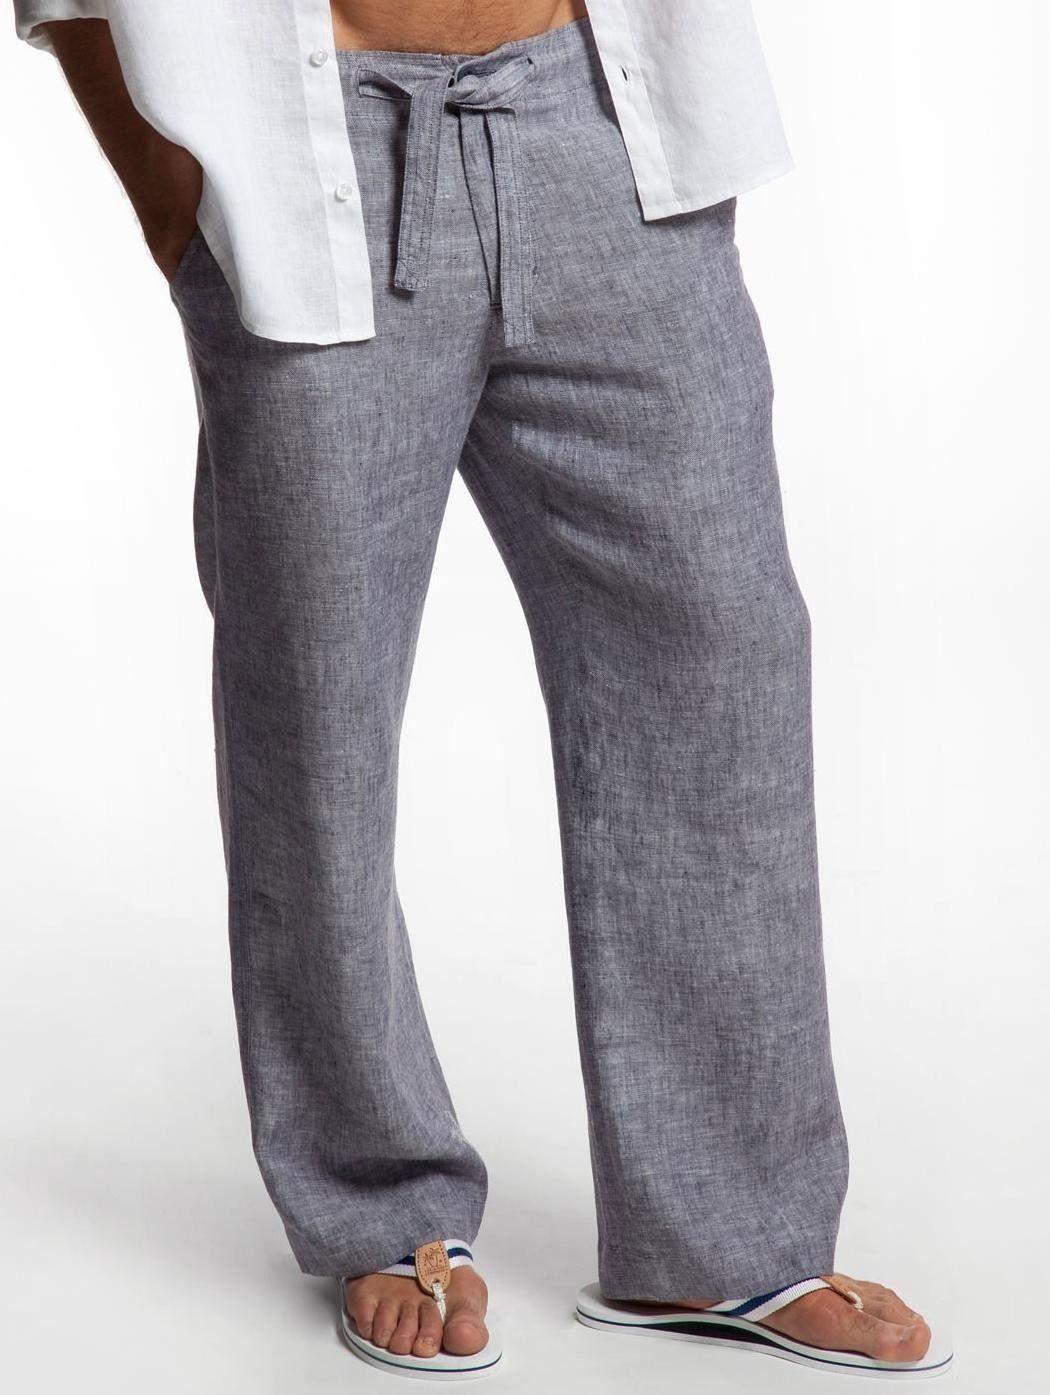 450f3a7935f Storm Beachcomber Linen Pants - Linen Pants for Men | Island Company ...